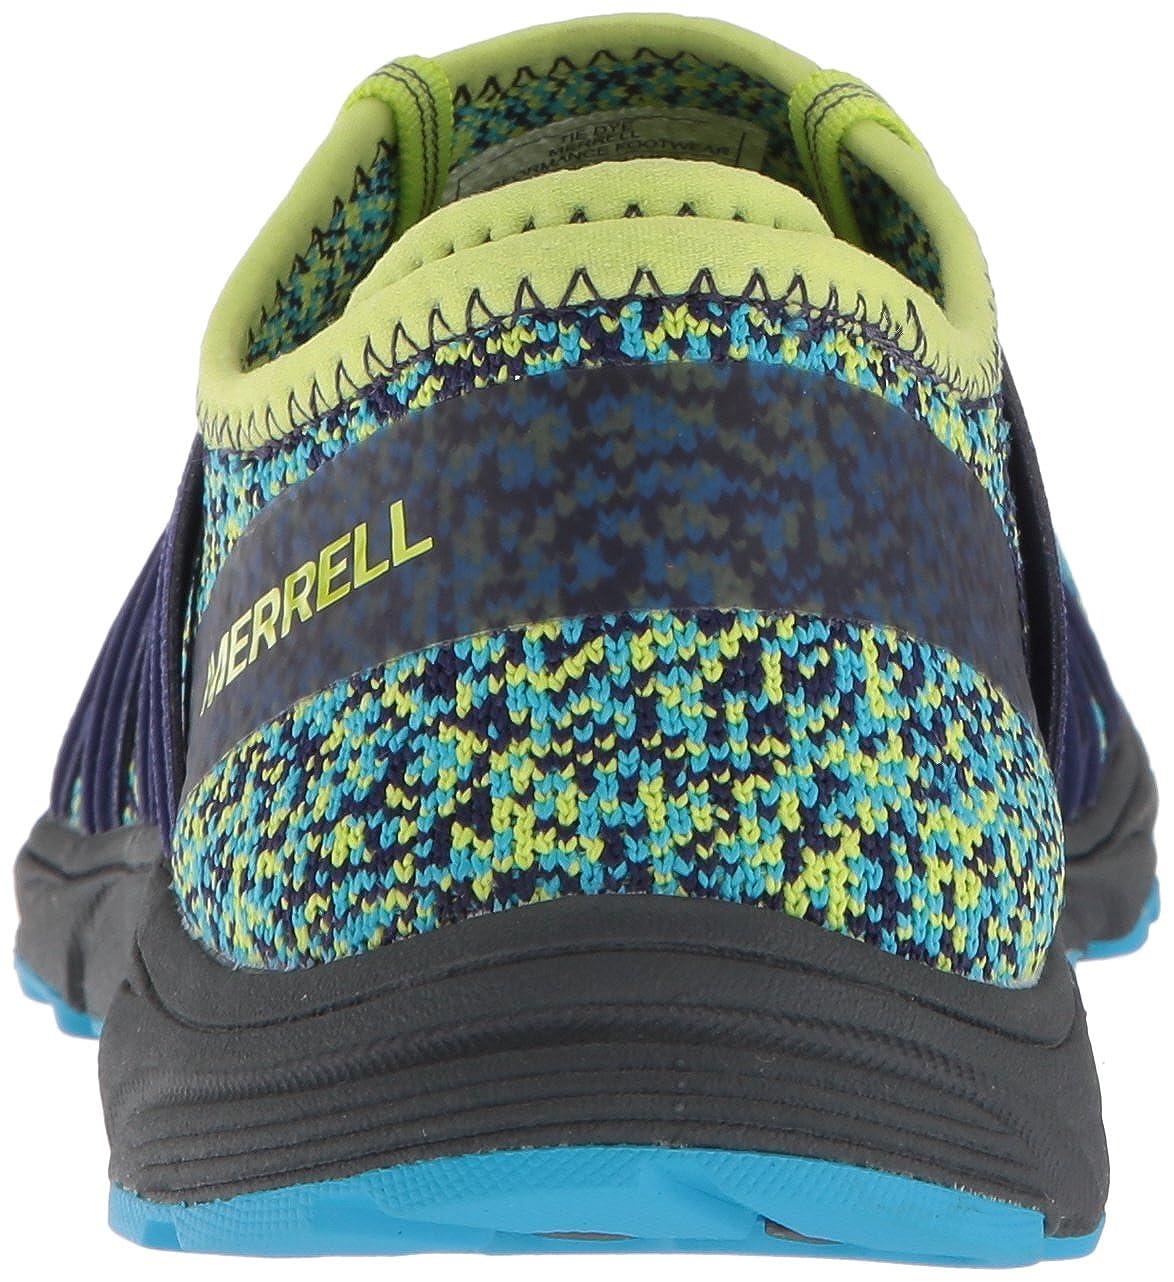 Merrell Womens Riveter Knit Sneaker